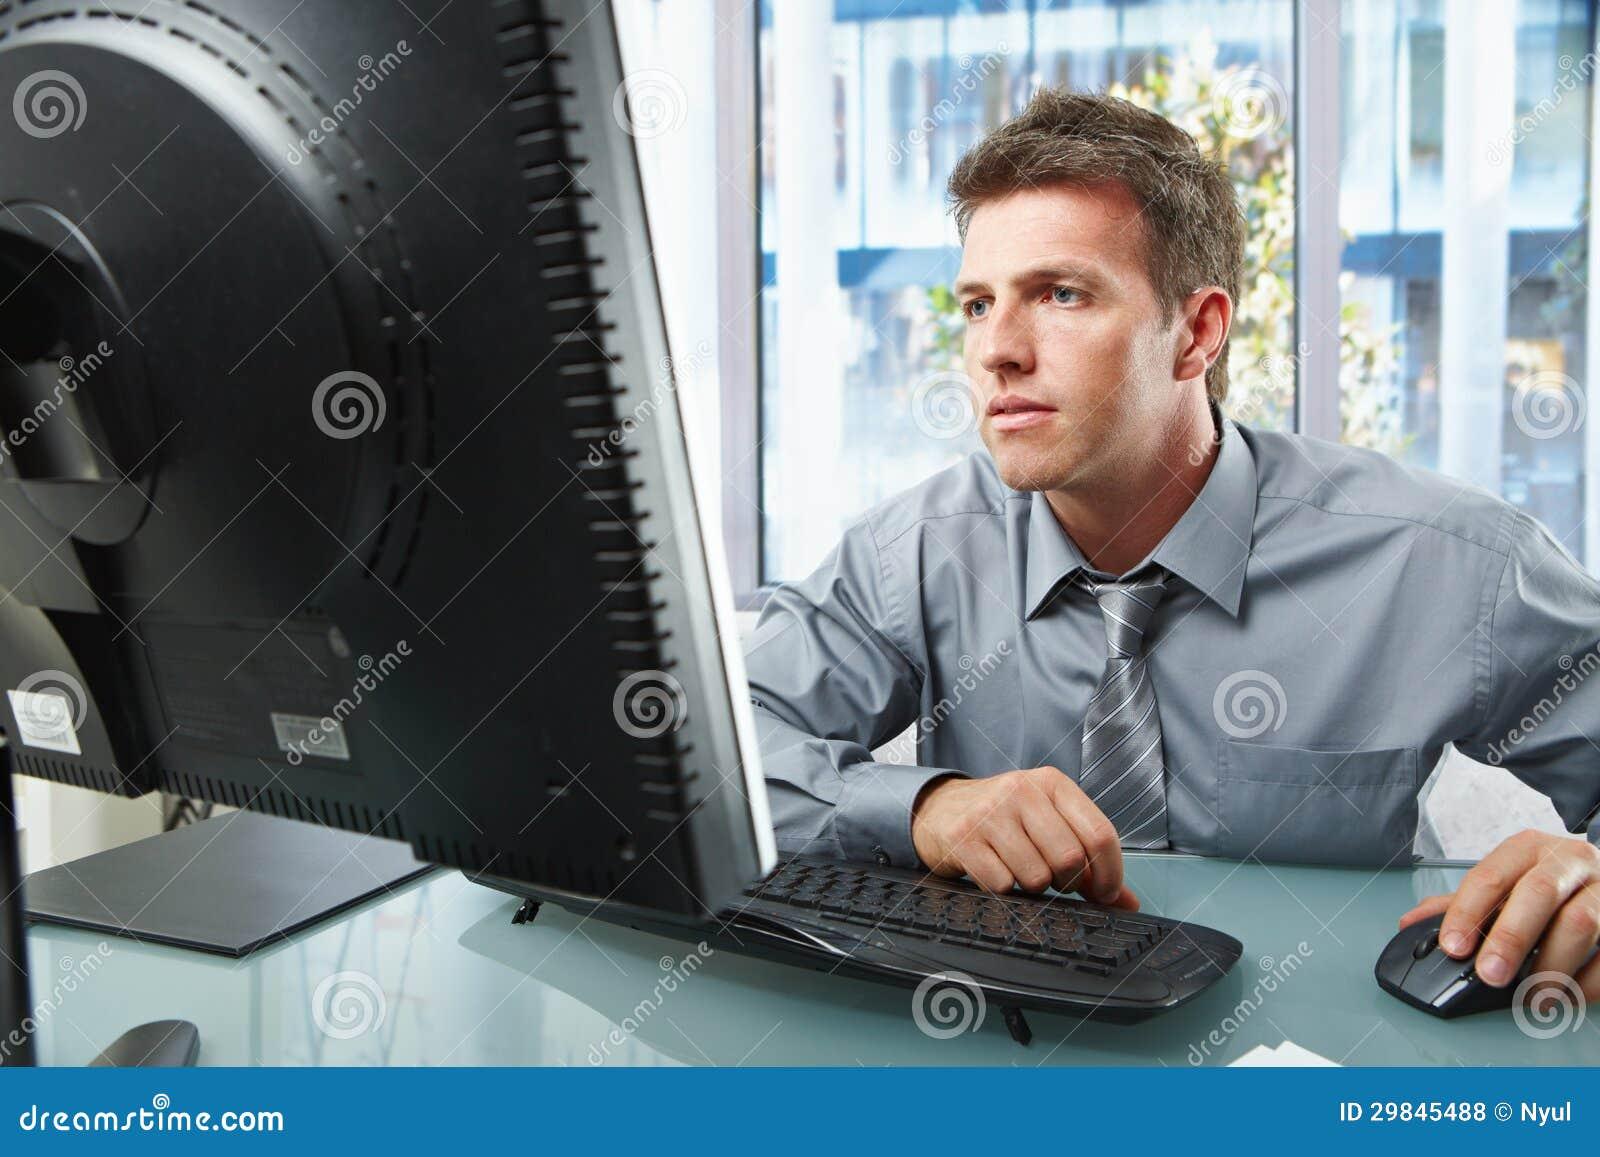 Profissional que trabalha no computador